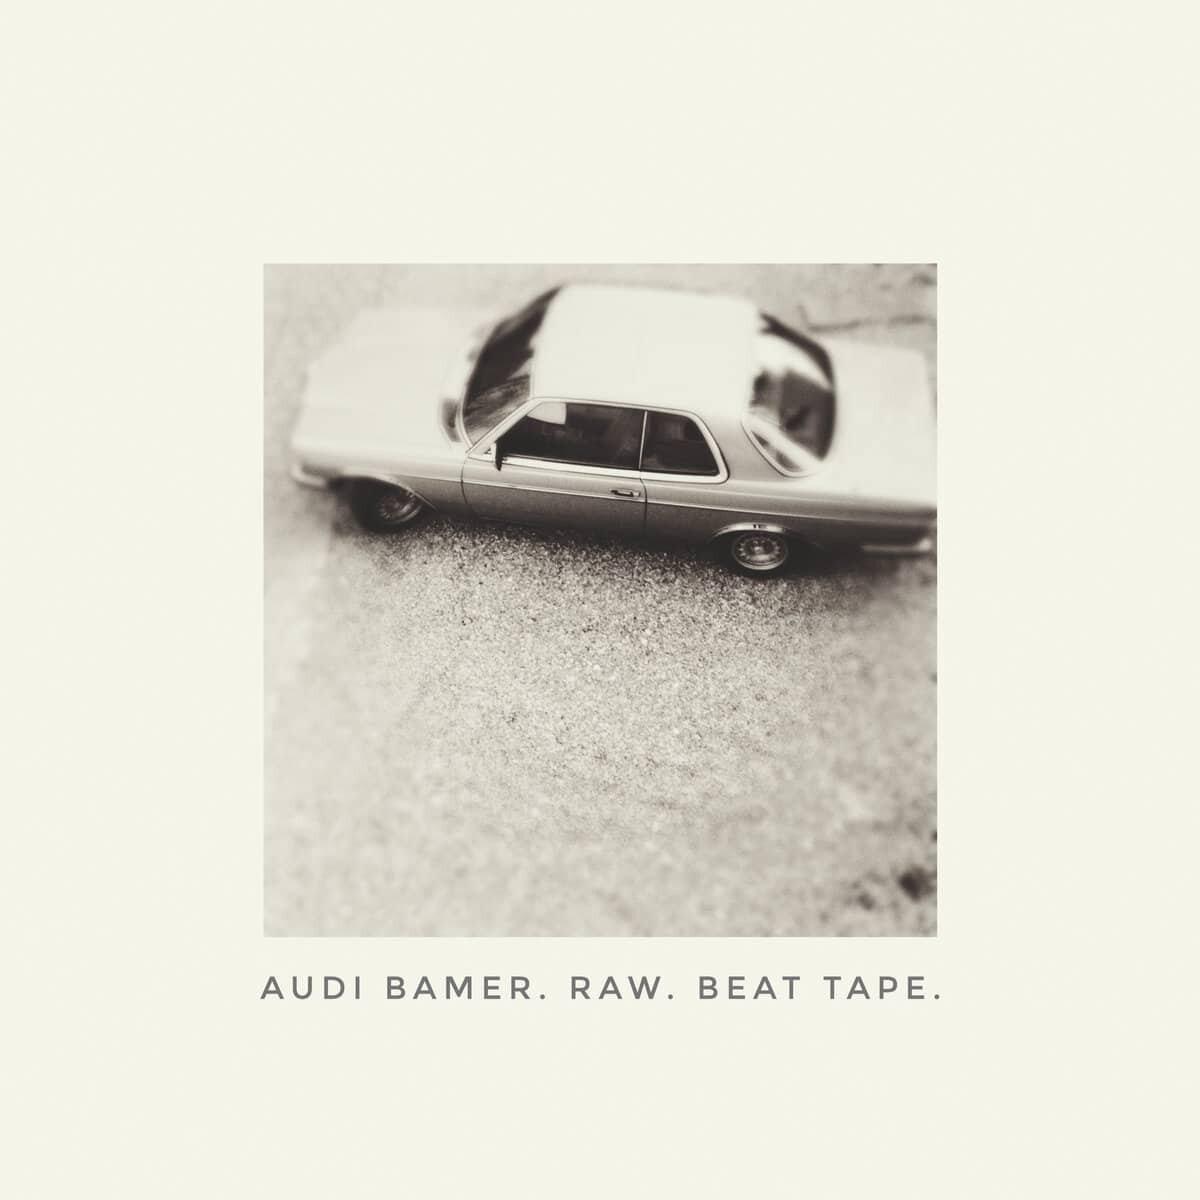 Audi Bamer - Raw